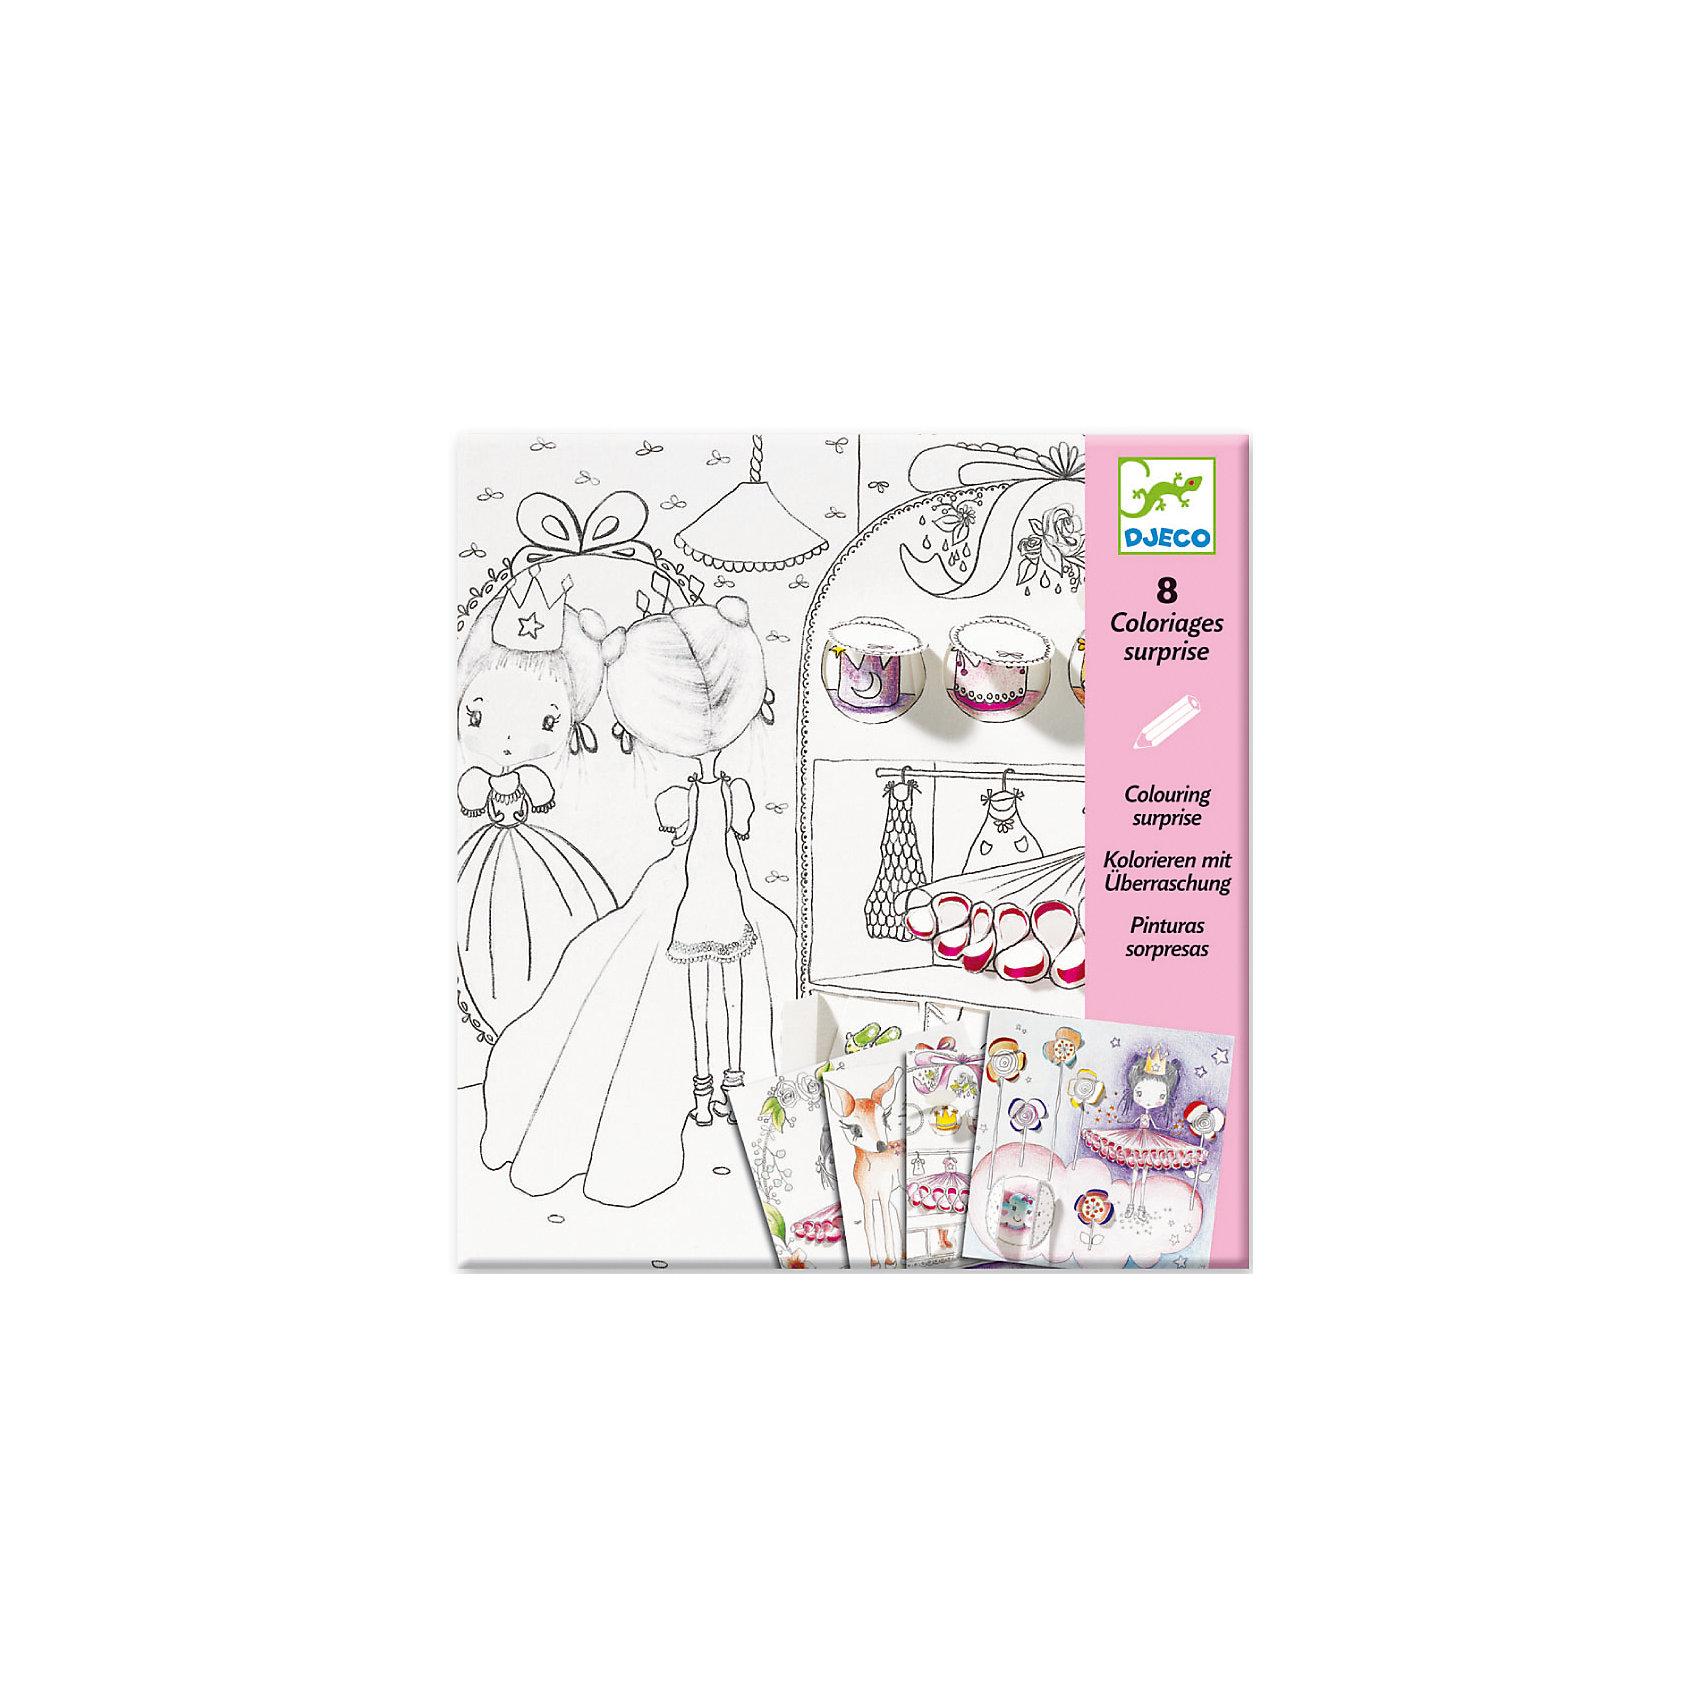 Раскраска с движущимися элементами Секретики ПоллиНабор для творчества Секретики Полли от французского бренда Djeco позволяет малышу проявить свою фантазию, что способствует развитию творческой личности. <br><br>Раскраска подарит детям радость самовыражения, поможет развивать усидчивость, воображение, мелкую моторику, цветовосприятие и творческое мышление. <br><br>Дизайнеры фирмы DJECO придумали очень необычные раскраски. На картинках есть небольшие изломы, отодвигая которые ребенок увидит пространство для раскрашивания. Таким образом картинки получатся объемные и необычные. И их даже можно повесить в качестве первой картины ребенка в его комнате! <br><br>Раскрашивать картинки можно как карандашами, так и фломастерами и пастелью. <br><br>В наборе для детского творчества: 4 листа раскрасок с милыми девочками. <br><br>Наборы для детского творчества развивают фантазию, воображение и творческие способности ребенка, учат его внимательности и усидчивости. <br>Набор продается в красочной подарочной упаковке. <br><br>Раскраска с движущимися элементами Секретики Полли можно купить в нашем магазине.<br><br>Ширина мм: 10<br>Глубина мм: 220<br>Высота мм: 230<br>Вес г: 180<br>Возраст от месяцев: 72<br>Возраст до месяцев: 132<br>Пол: Женский<br>Возраст: Детский<br>SKU: 4783879